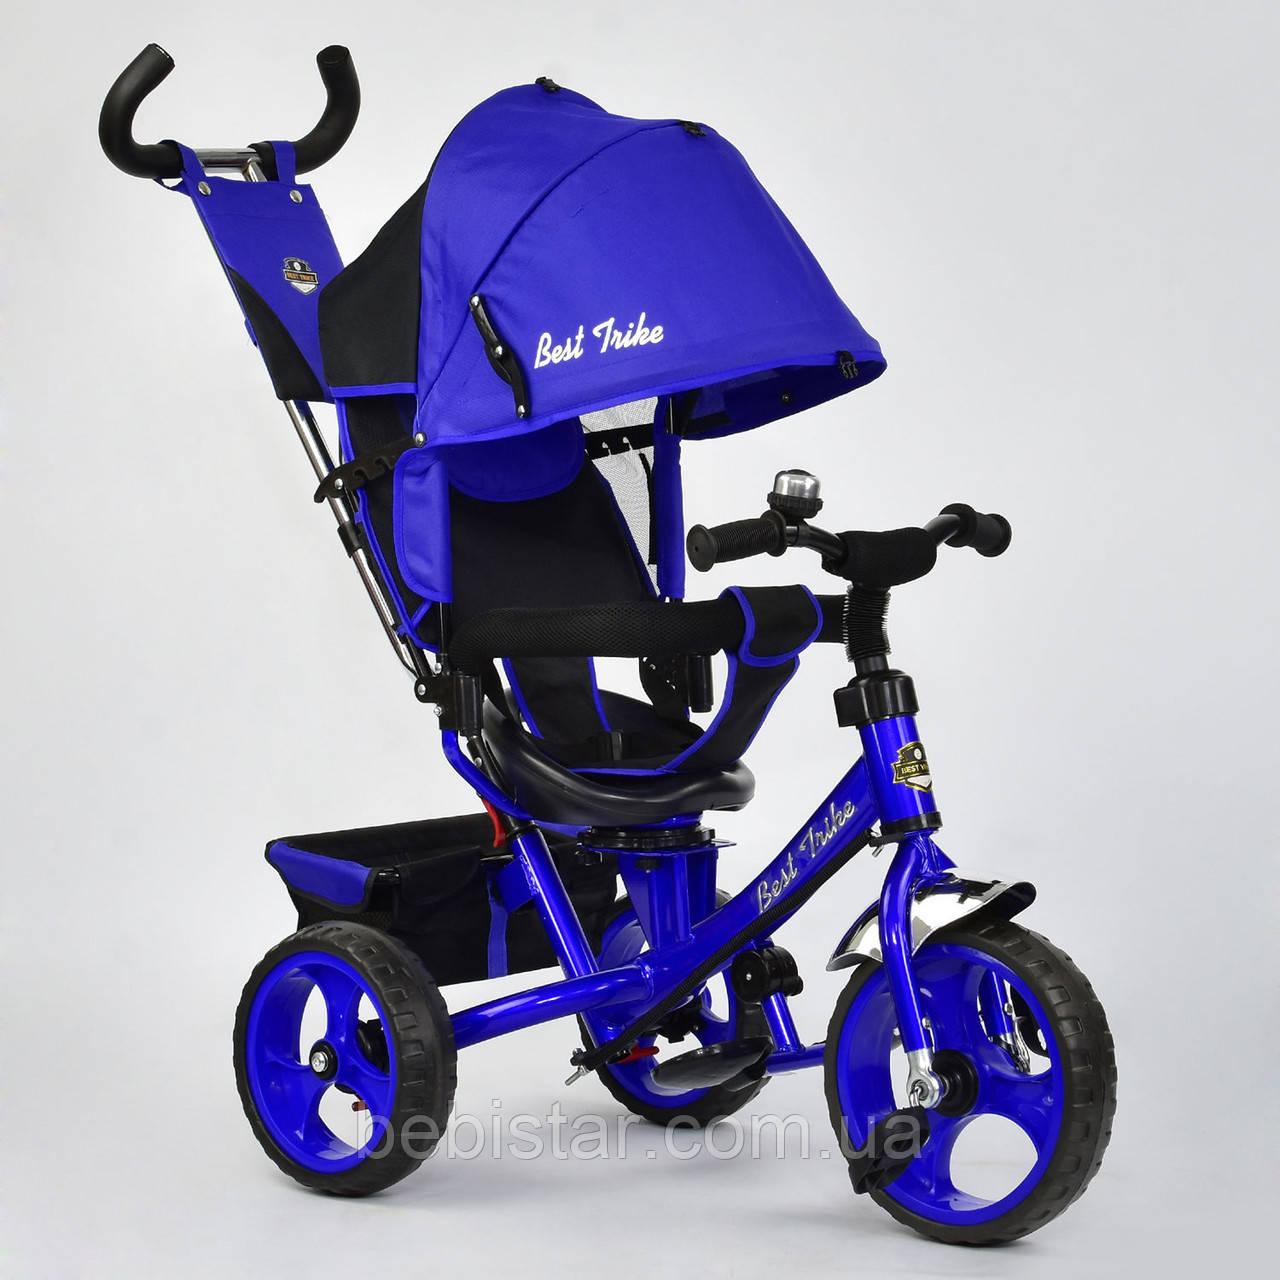 """Детский трехколесный велосипед """"Best Trike 6570"""" электрик"""